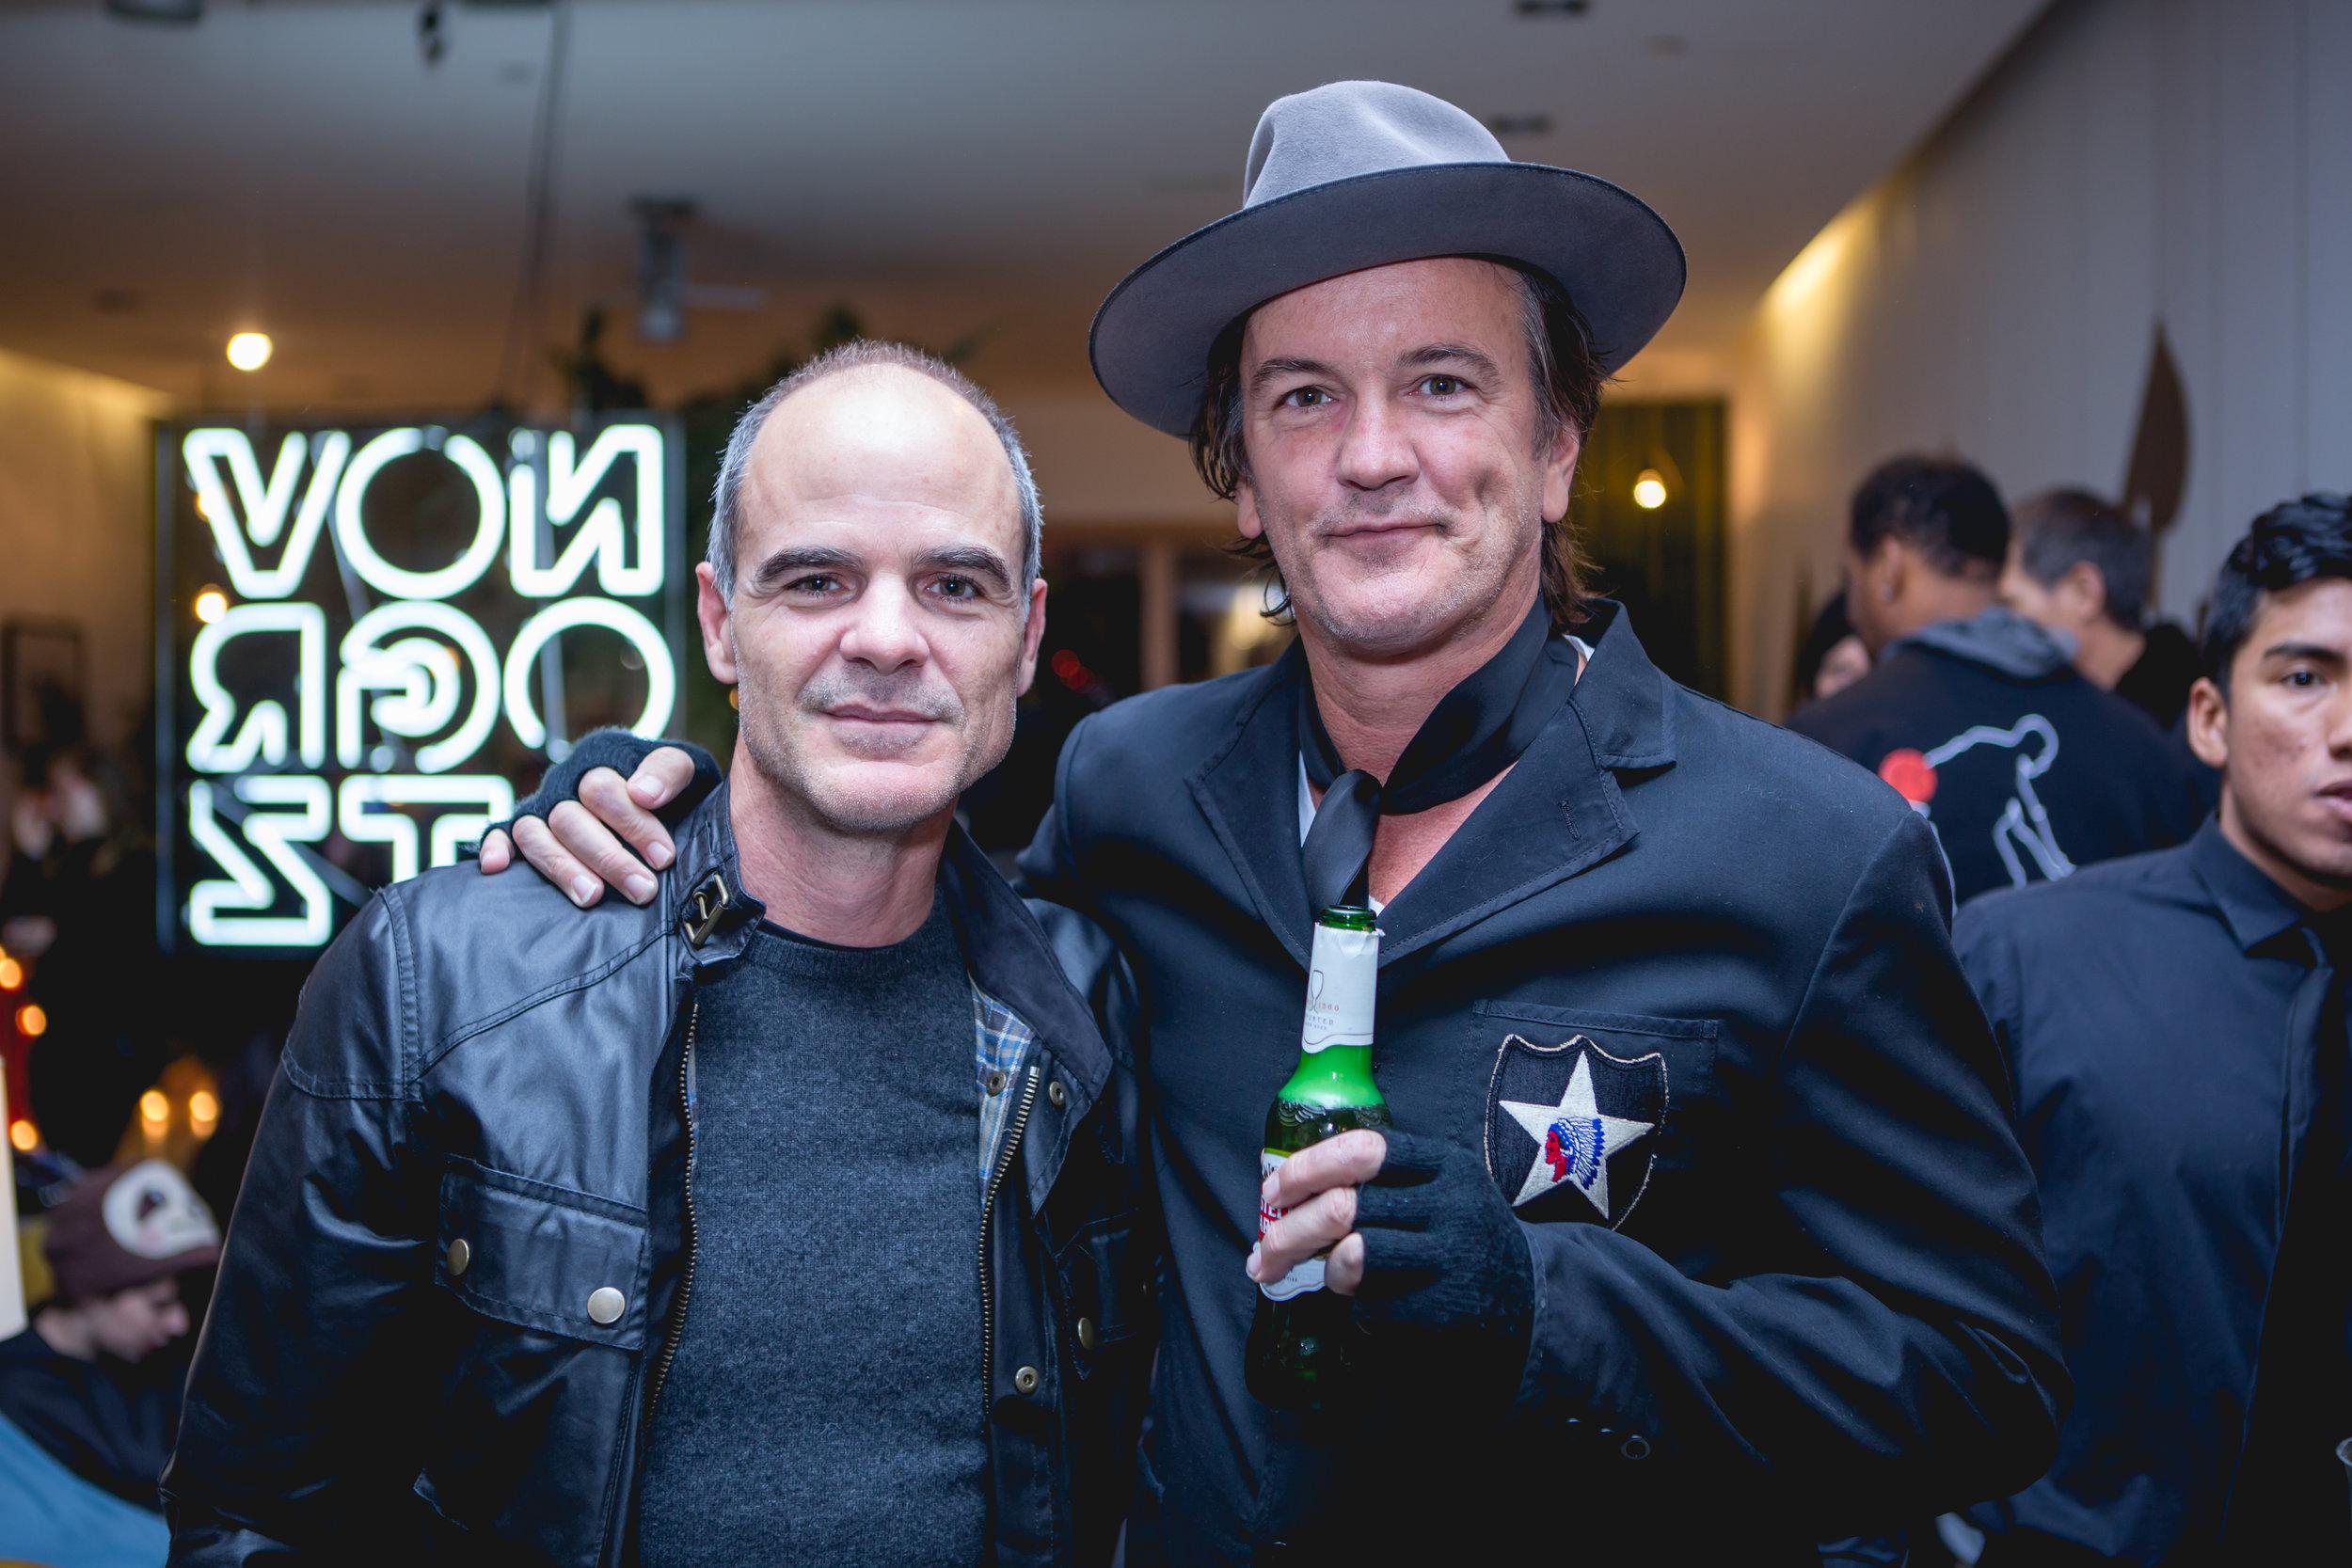 Michael Kelly and Bob Novogratz